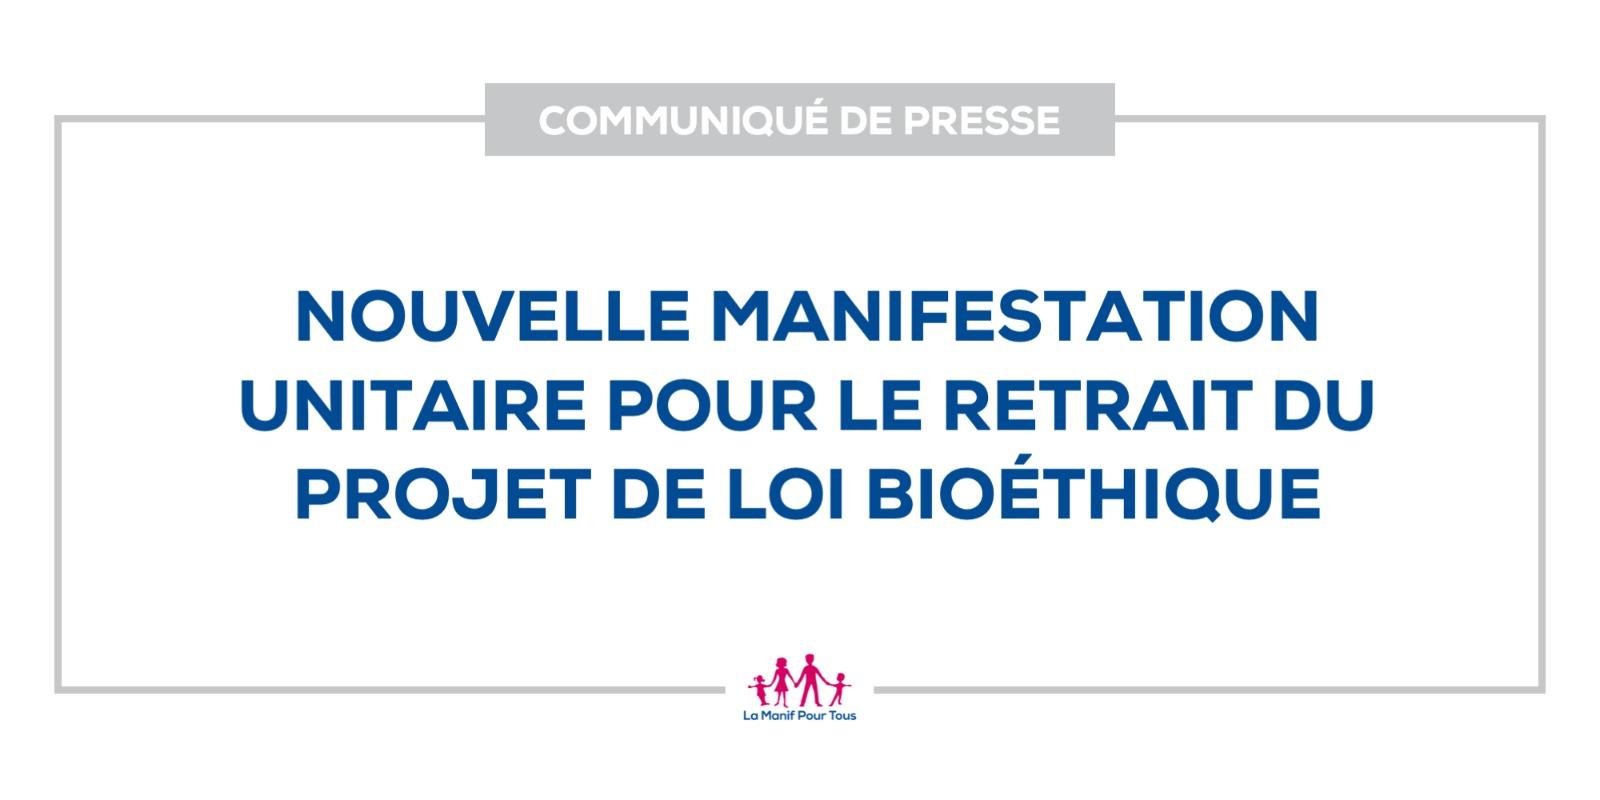 Image - CP – Nouvelle manifestation unitaire  pour le retrait du projet de loi bioéthique